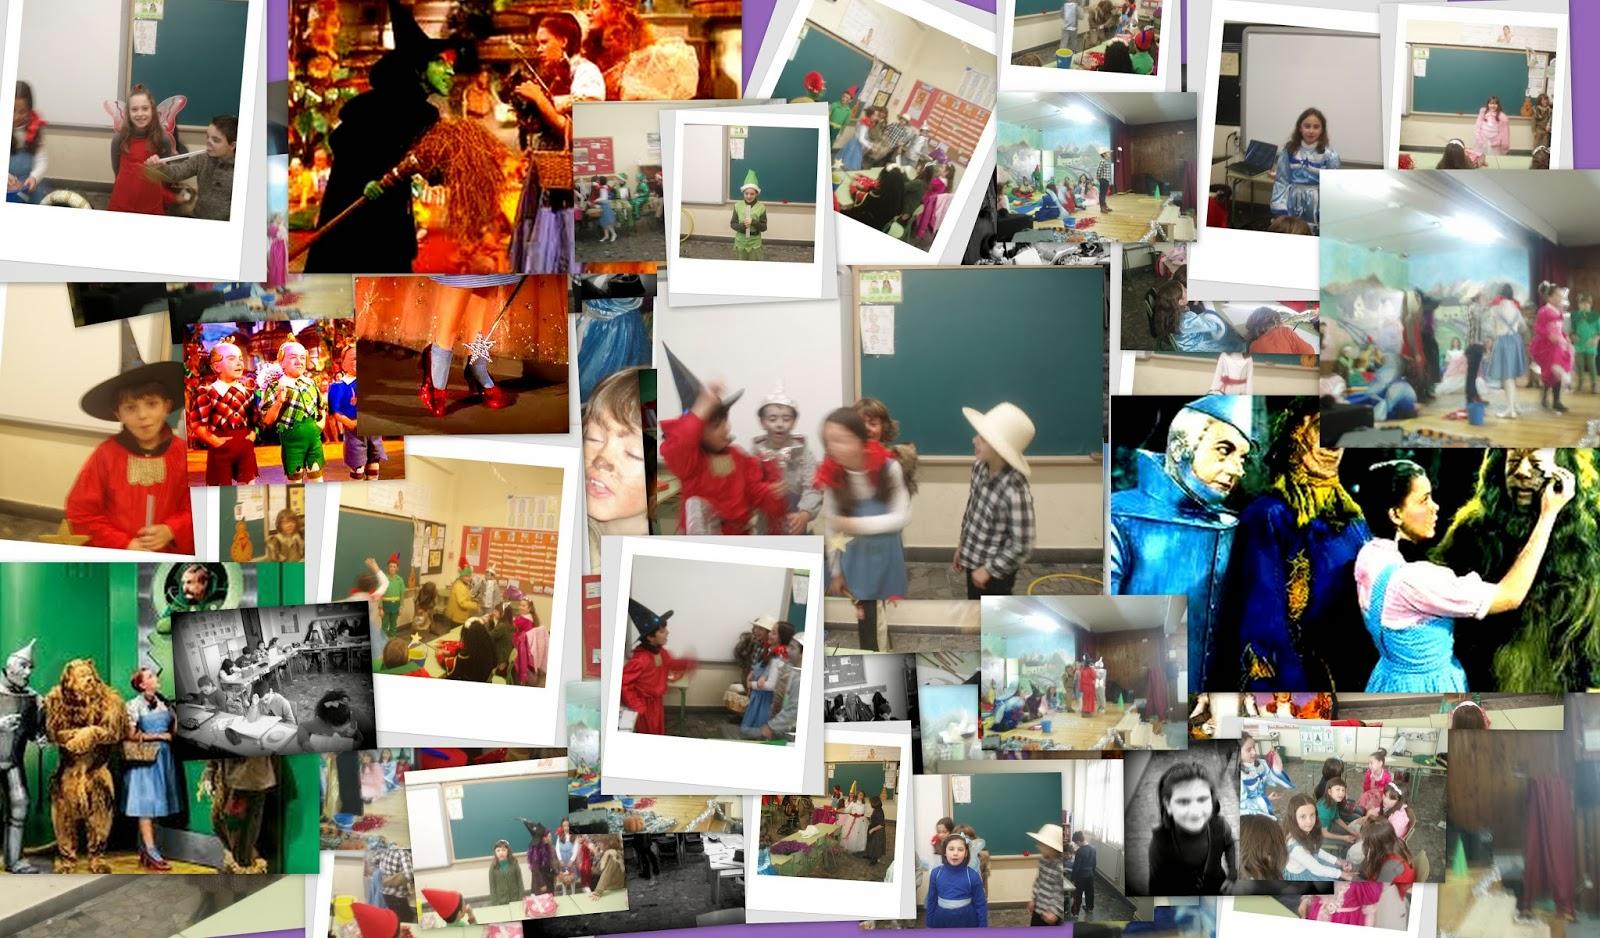 http://comparteconartefamilias.blogspot.com.es/